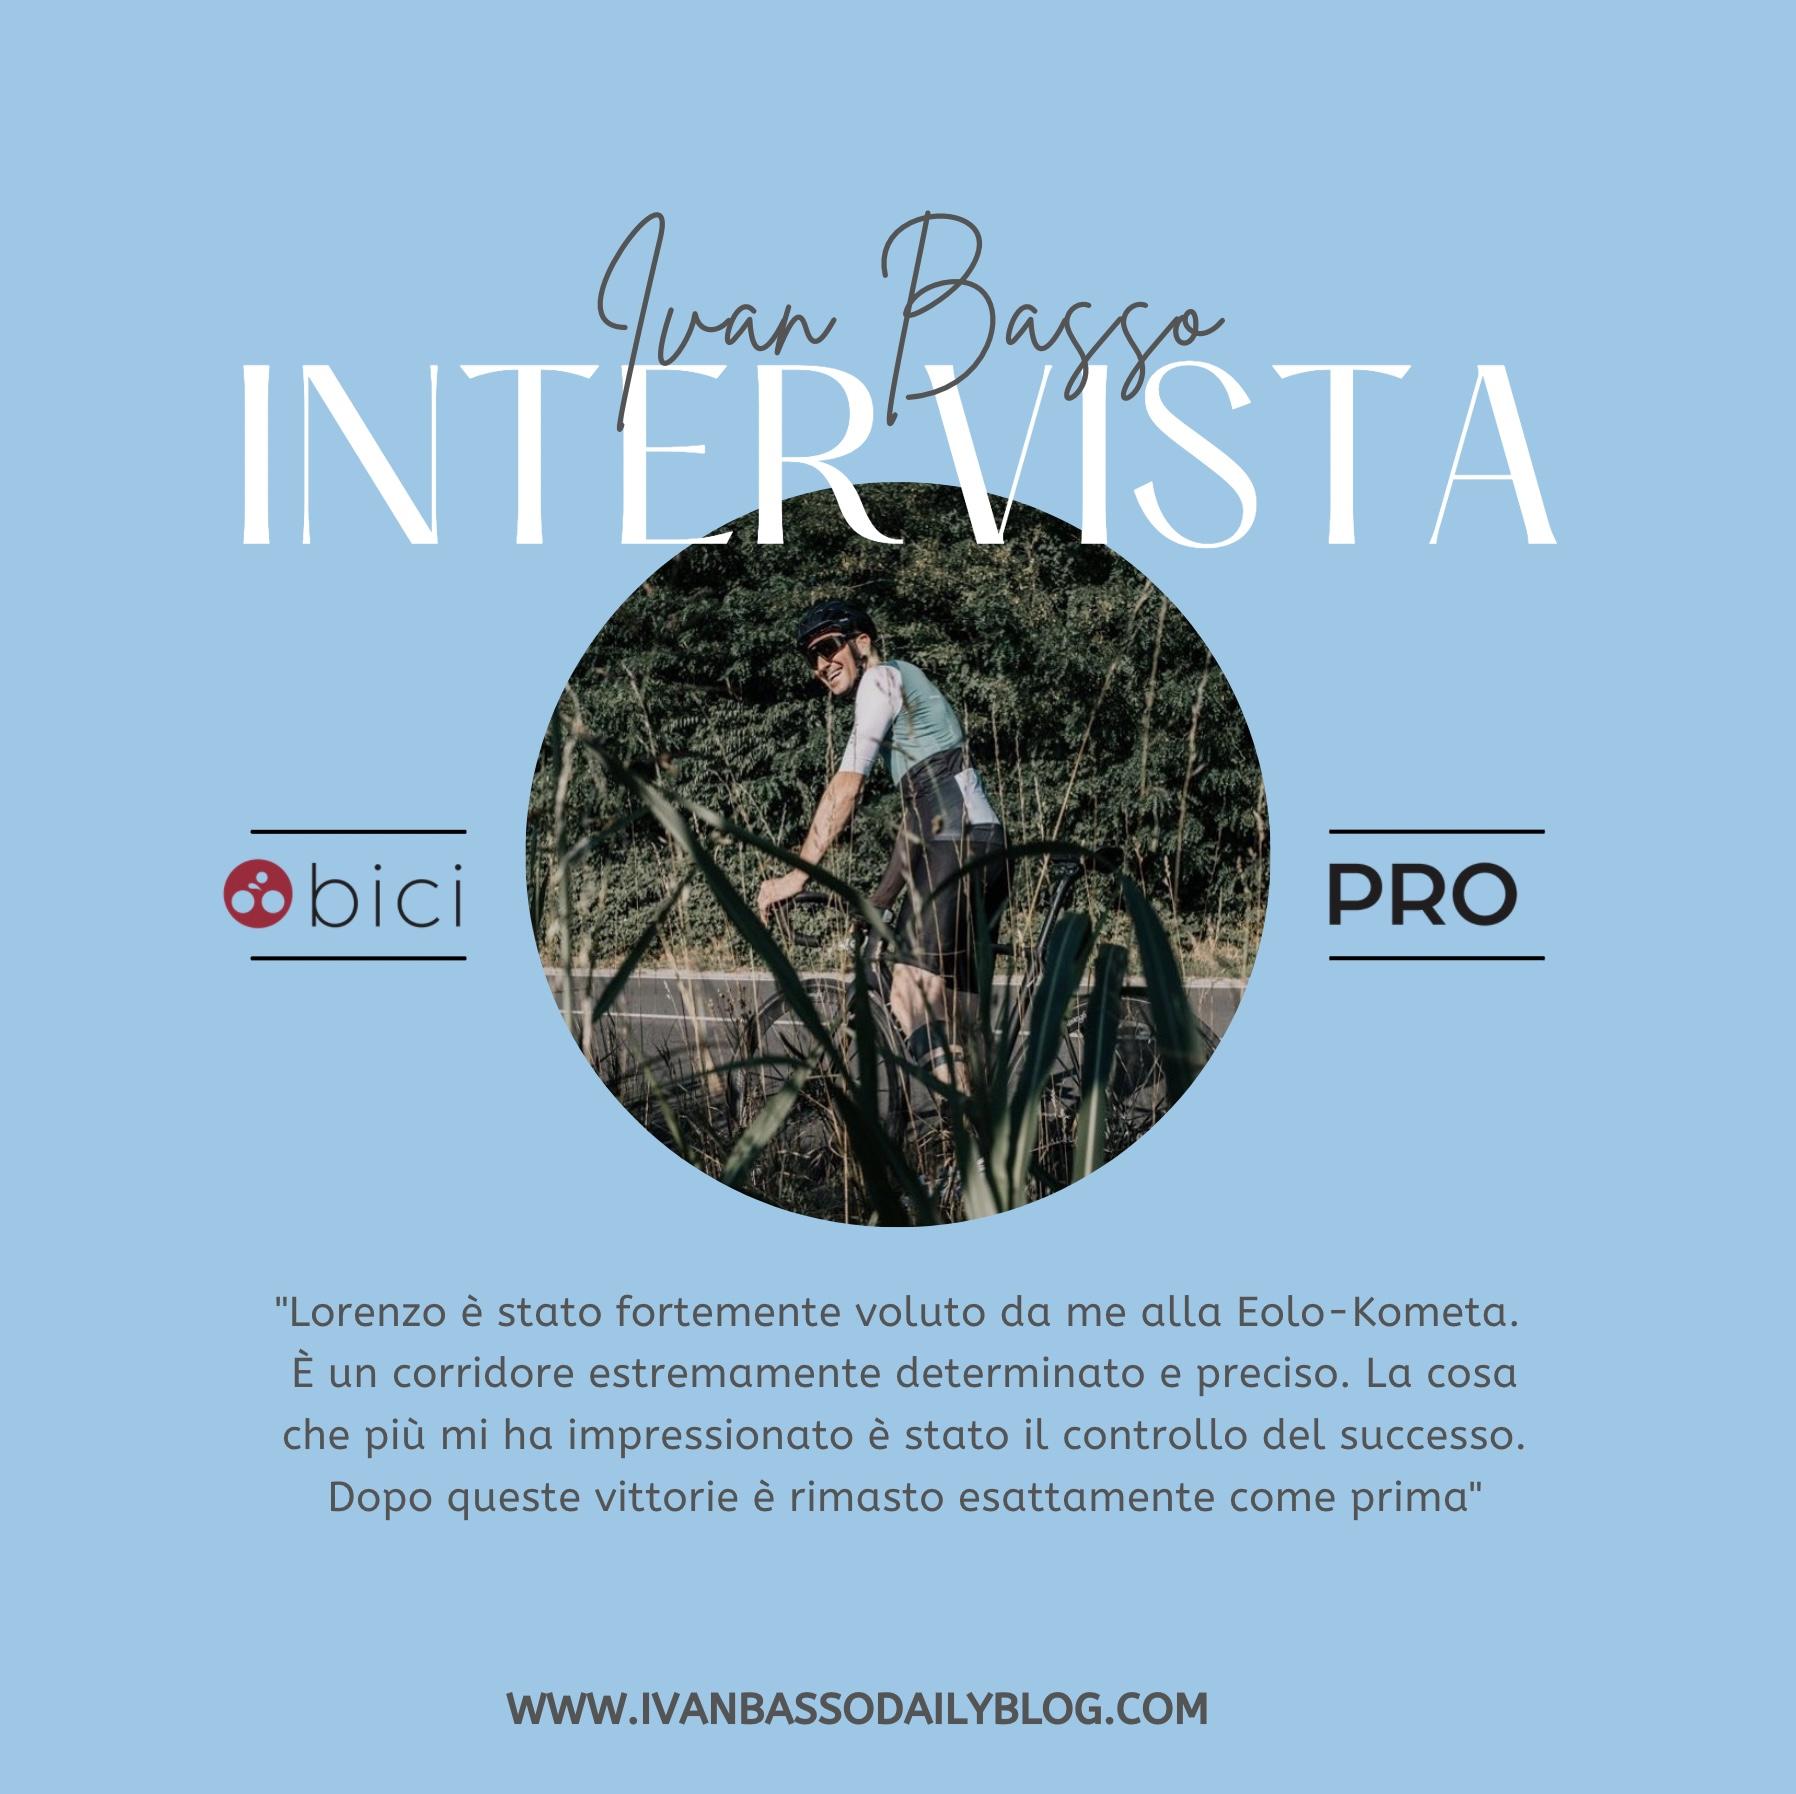 InterBiciProAgosto2021.jpg